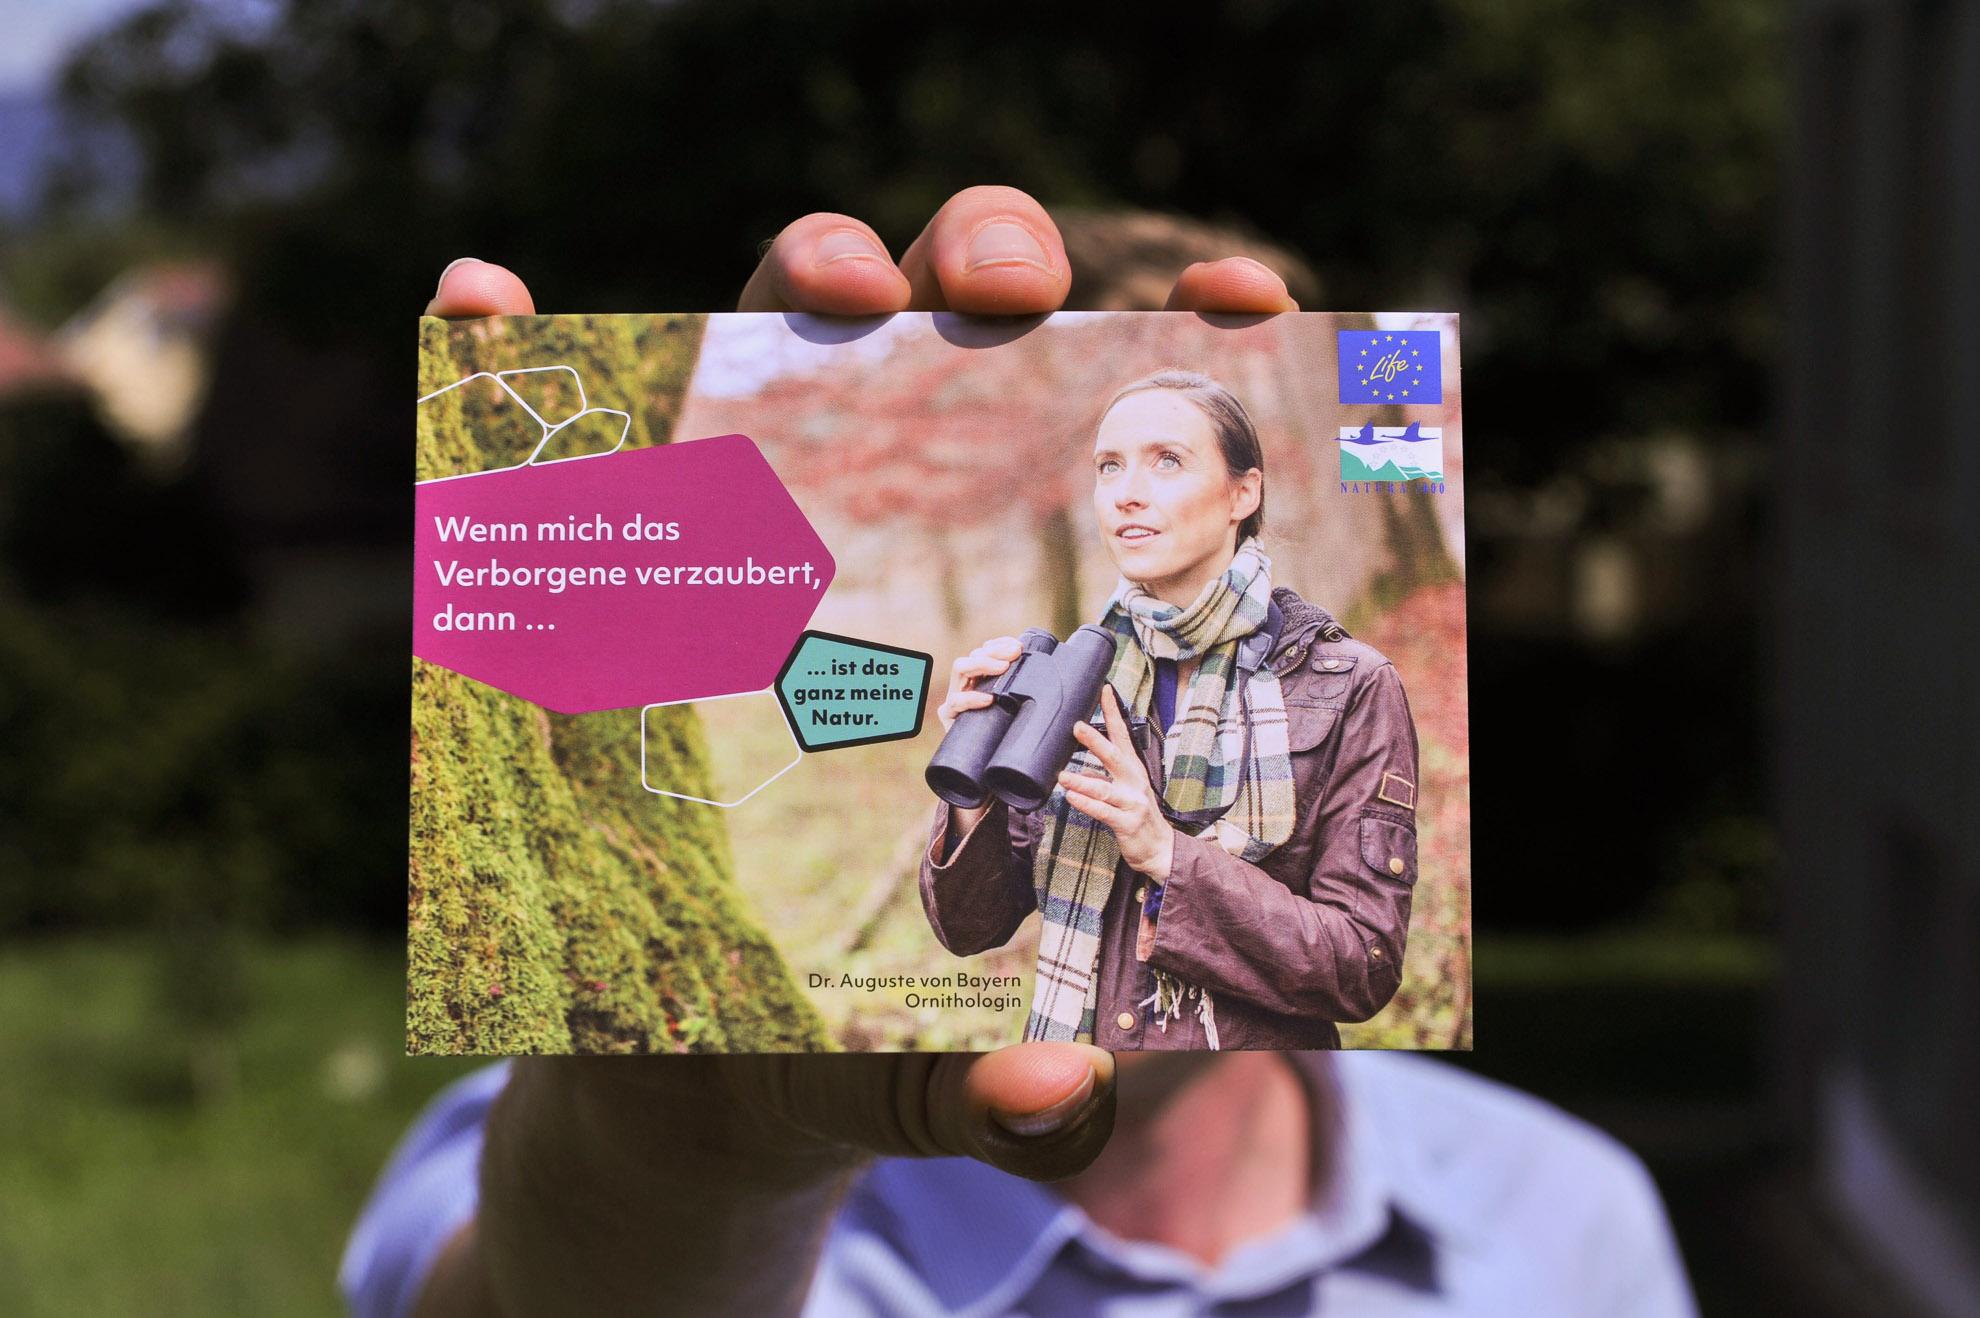 Vorderseite einer Postkarte mit Dr. Auguste von Bayern auf dem Bild, die Ornithologin und Botschafterin von Natura2000 ist, wird von jemandem in die Kamera gehalten.